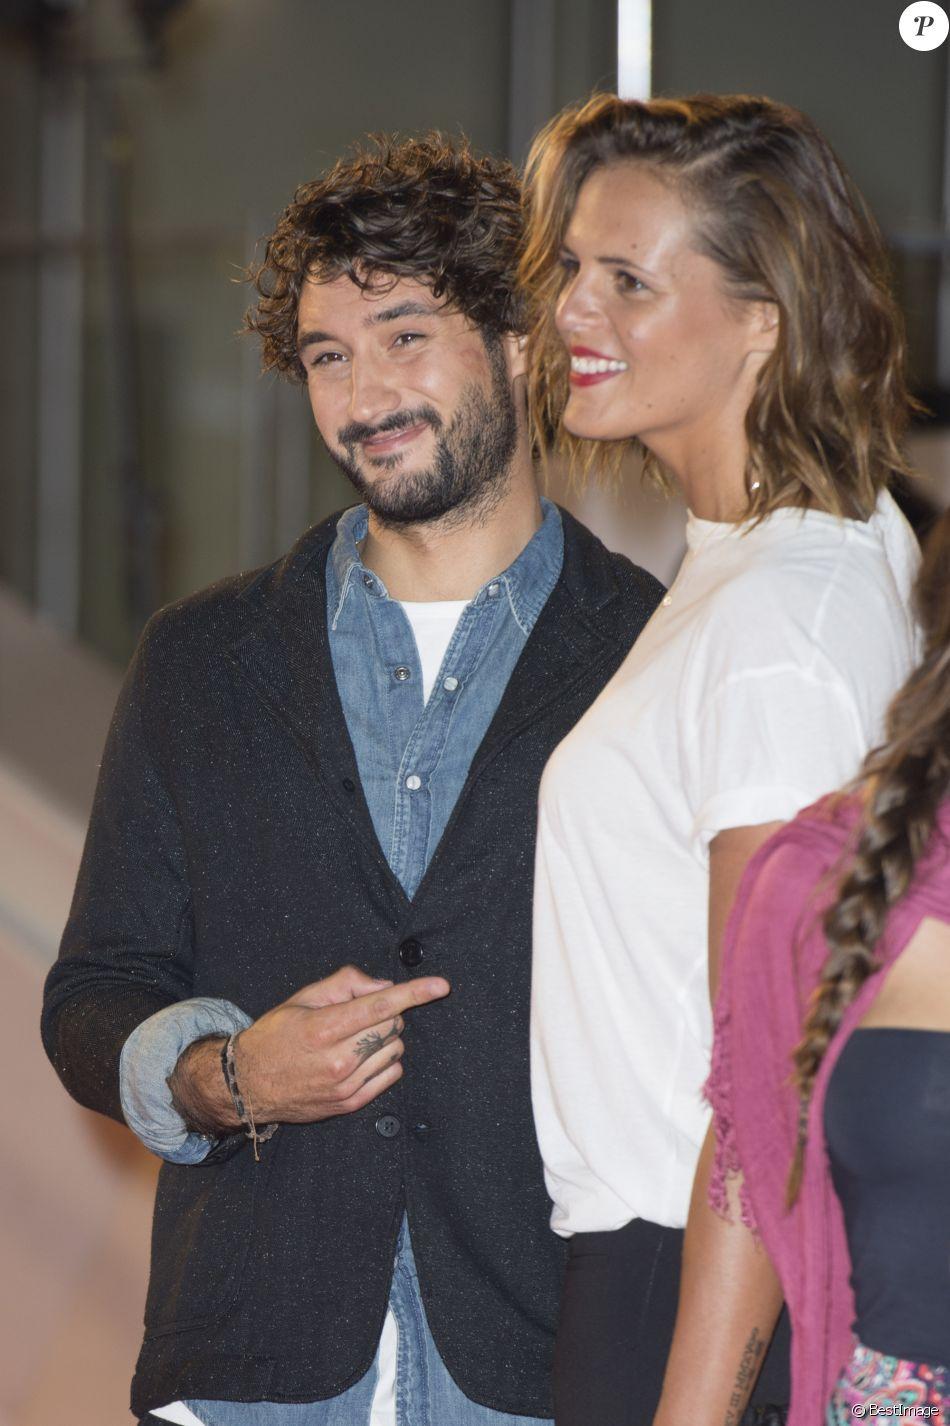 Laure Manaudou et son compagnon Jérémy Frérot - Arrivées à la 17ème cérémonie des NRJ Music Awards 2015 au Palais des Festivals à Cannes, le 7 novembre 2015.